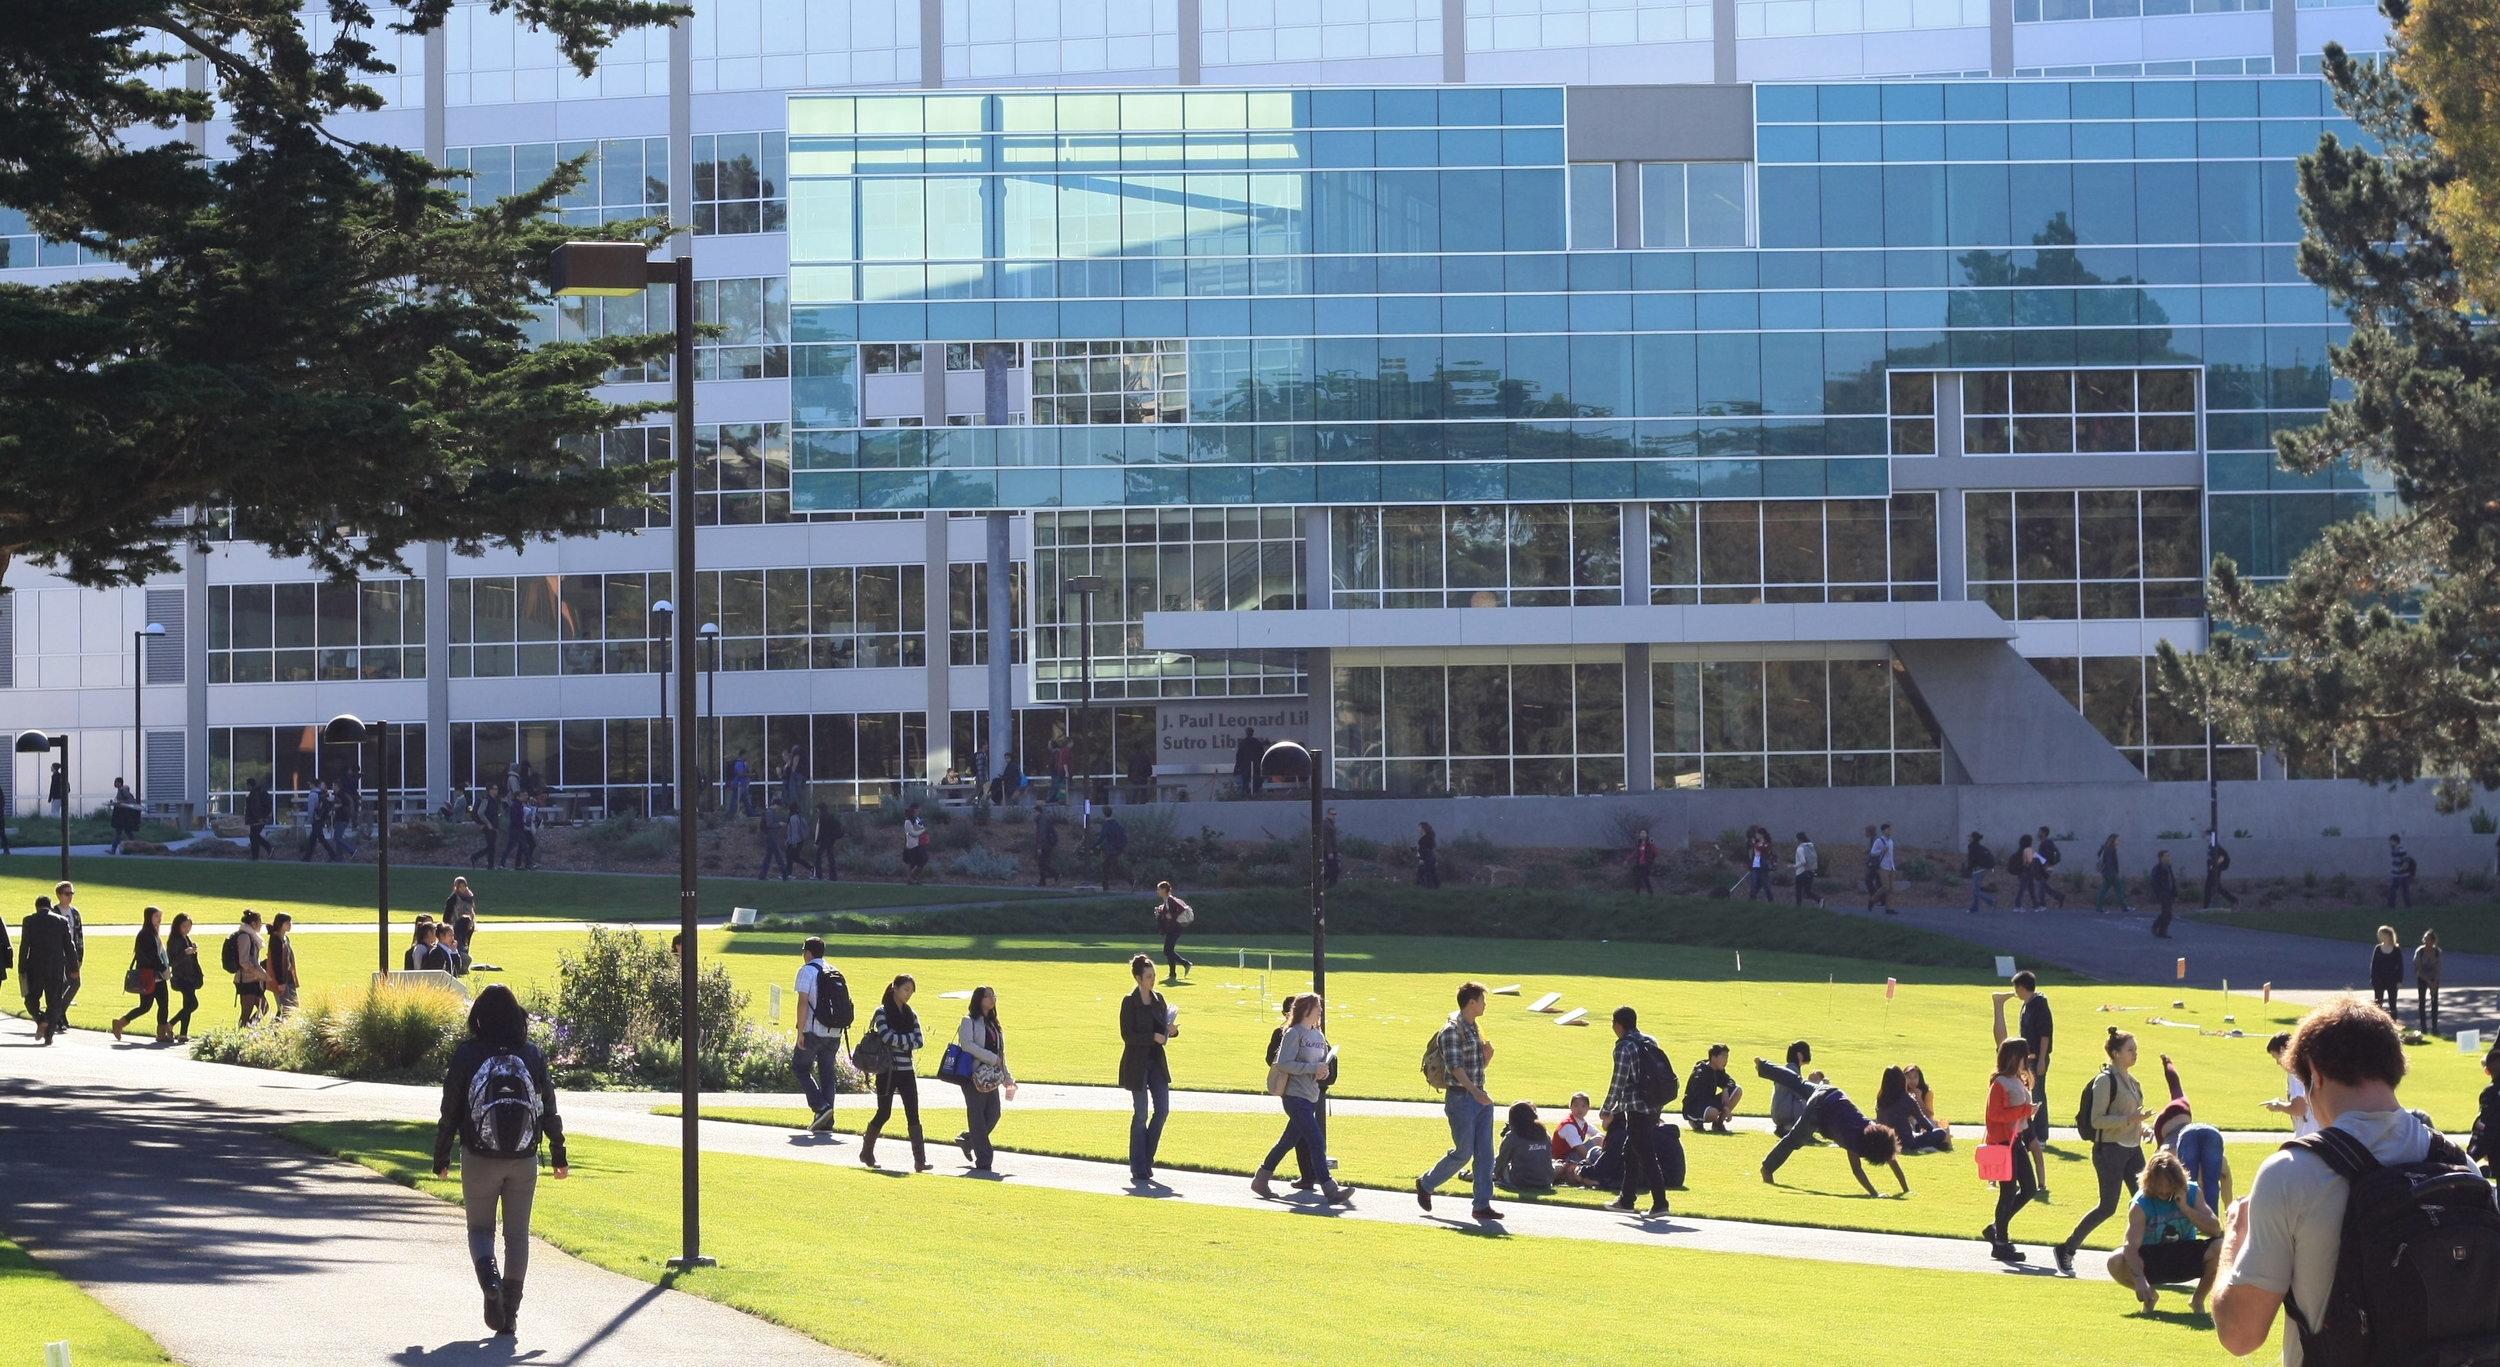 SFSU_Campus_Overview_Nov2012-e1493937399440.jpg